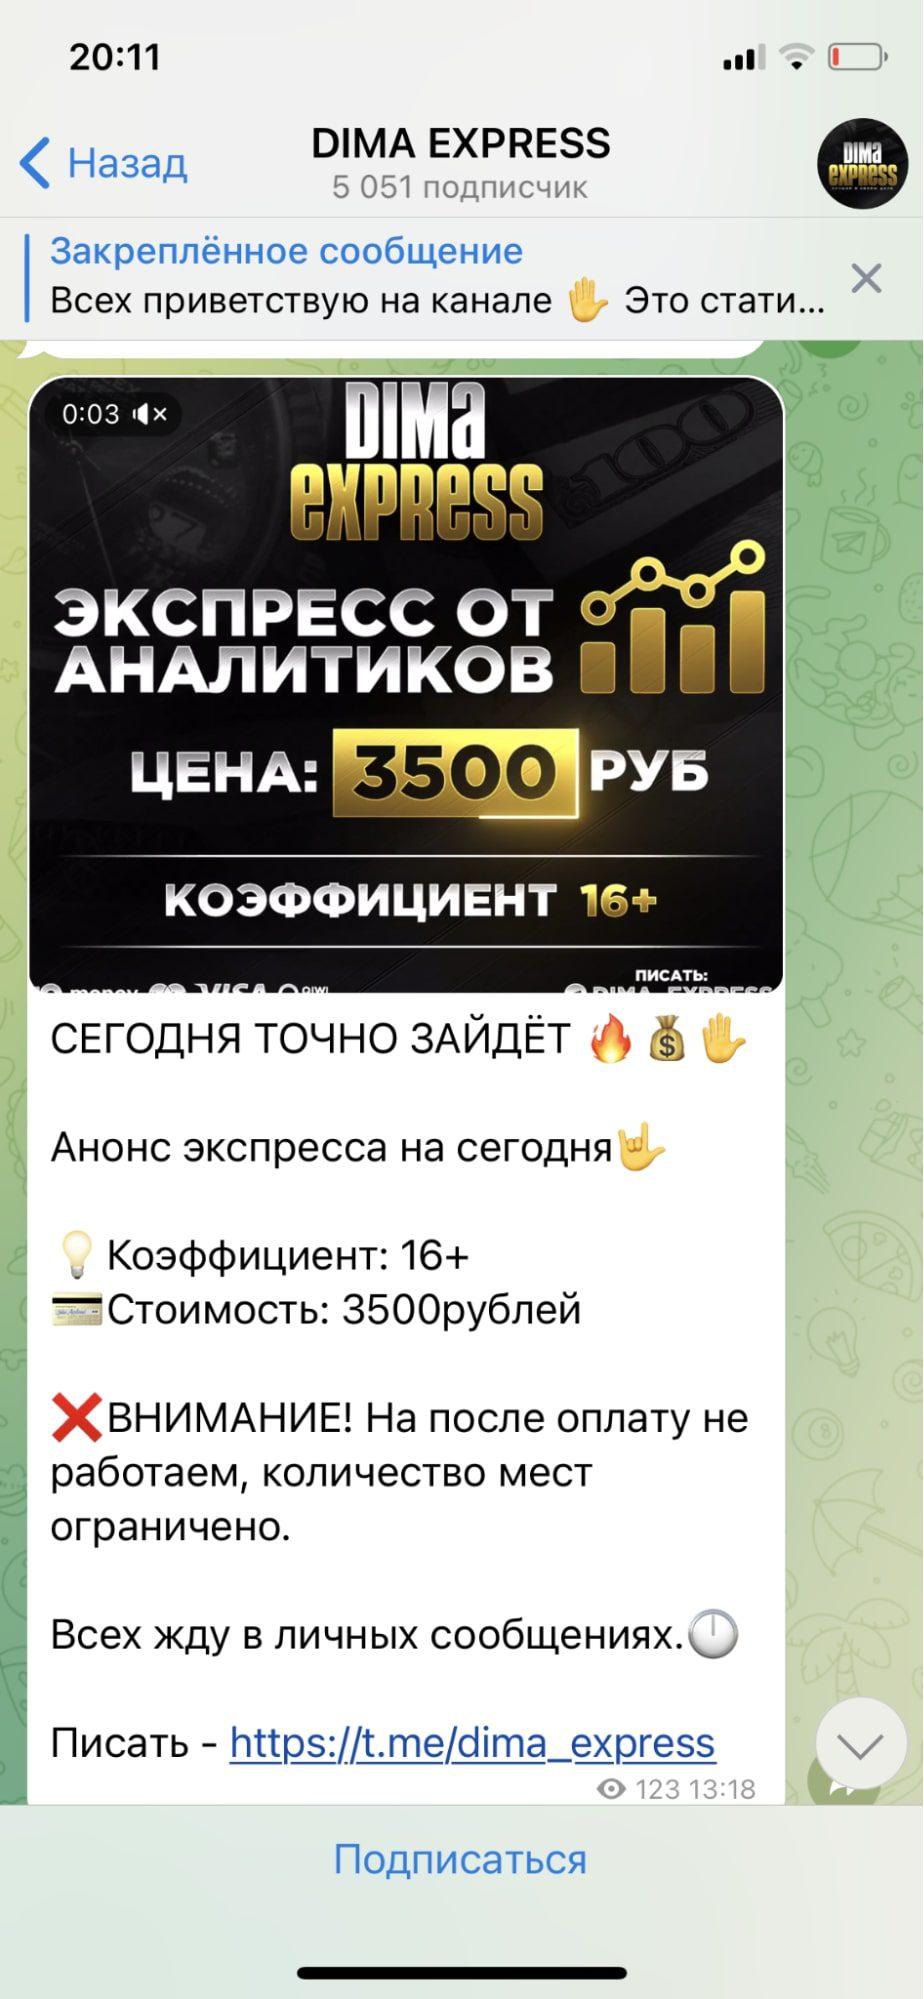 Цены на услуги каппера Дмитрия Абрамова